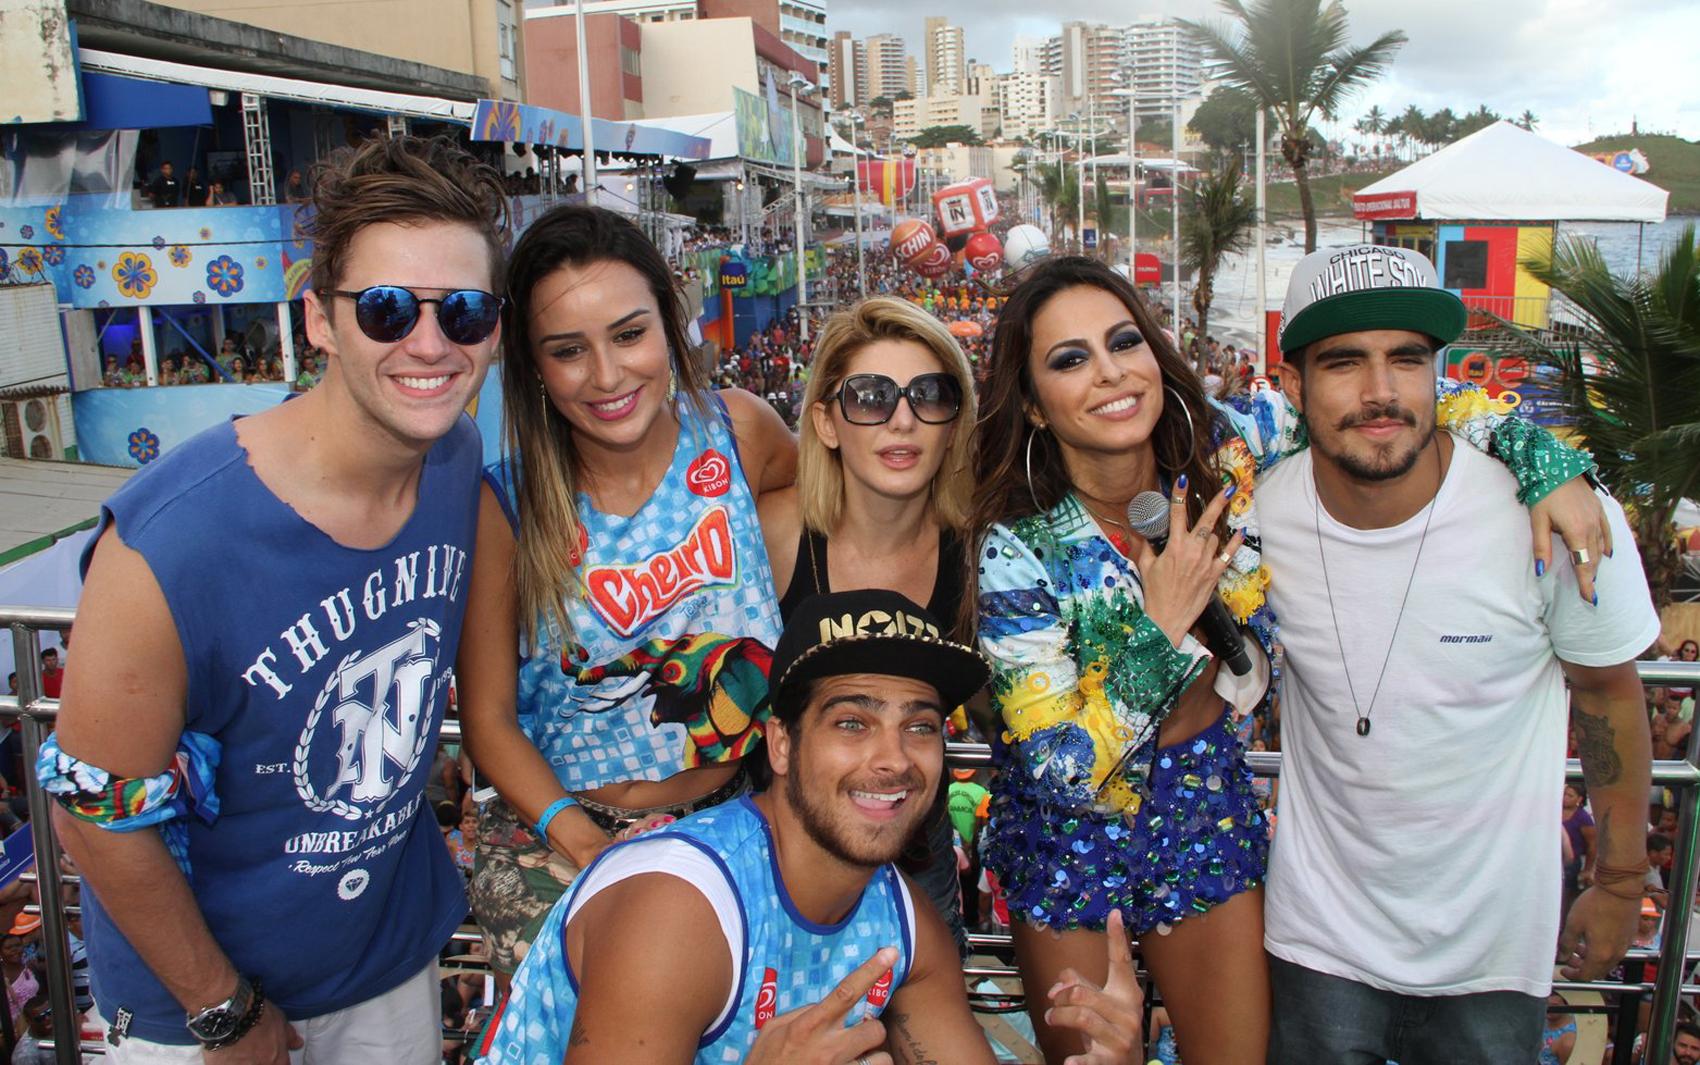 Salvador Fotos Carnaval de Carnaval em Salvador